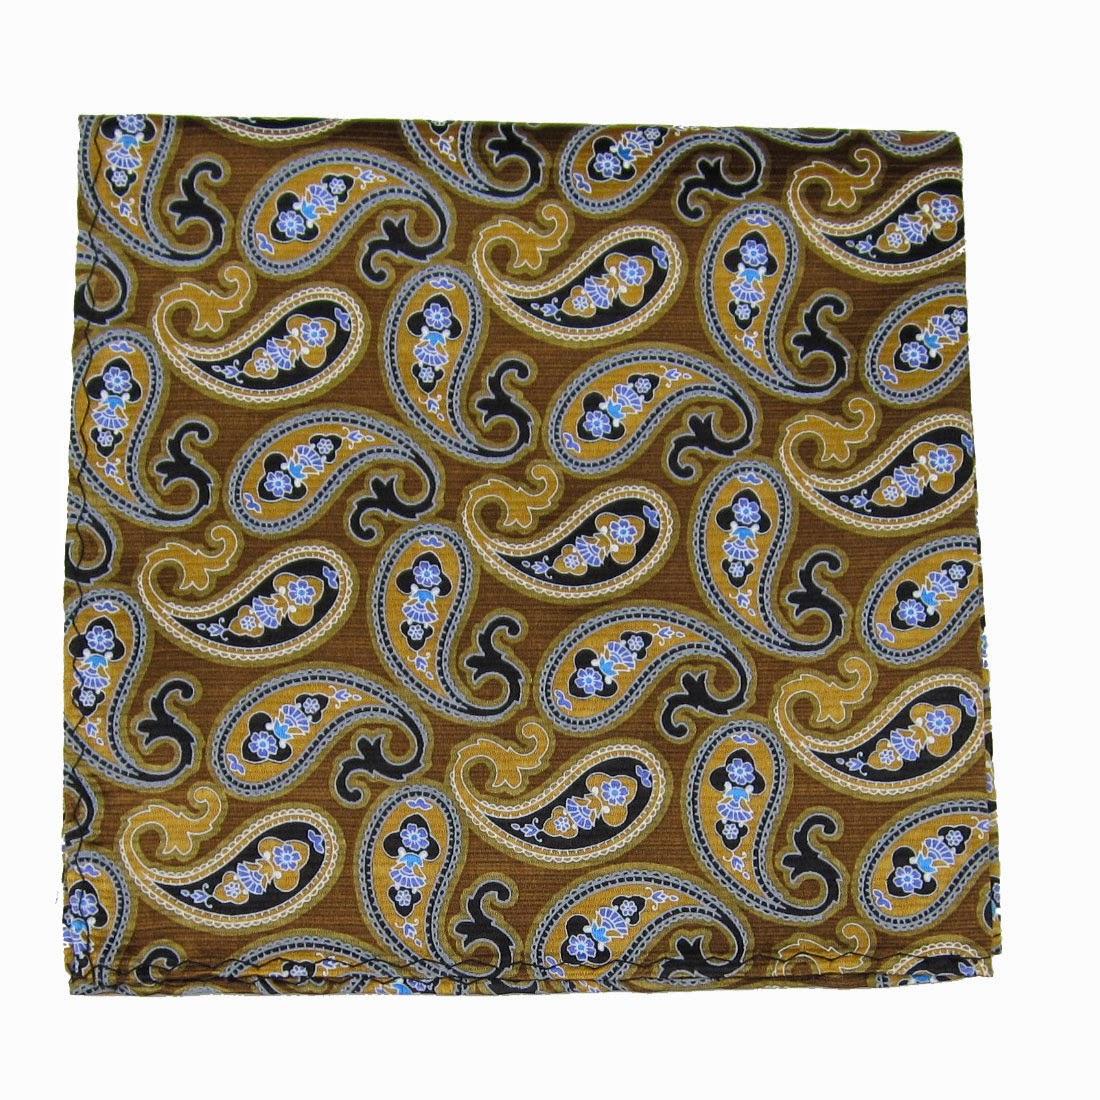 http://www.buyyourties.com/aficionado-pocket-squares-c-471_1510.html